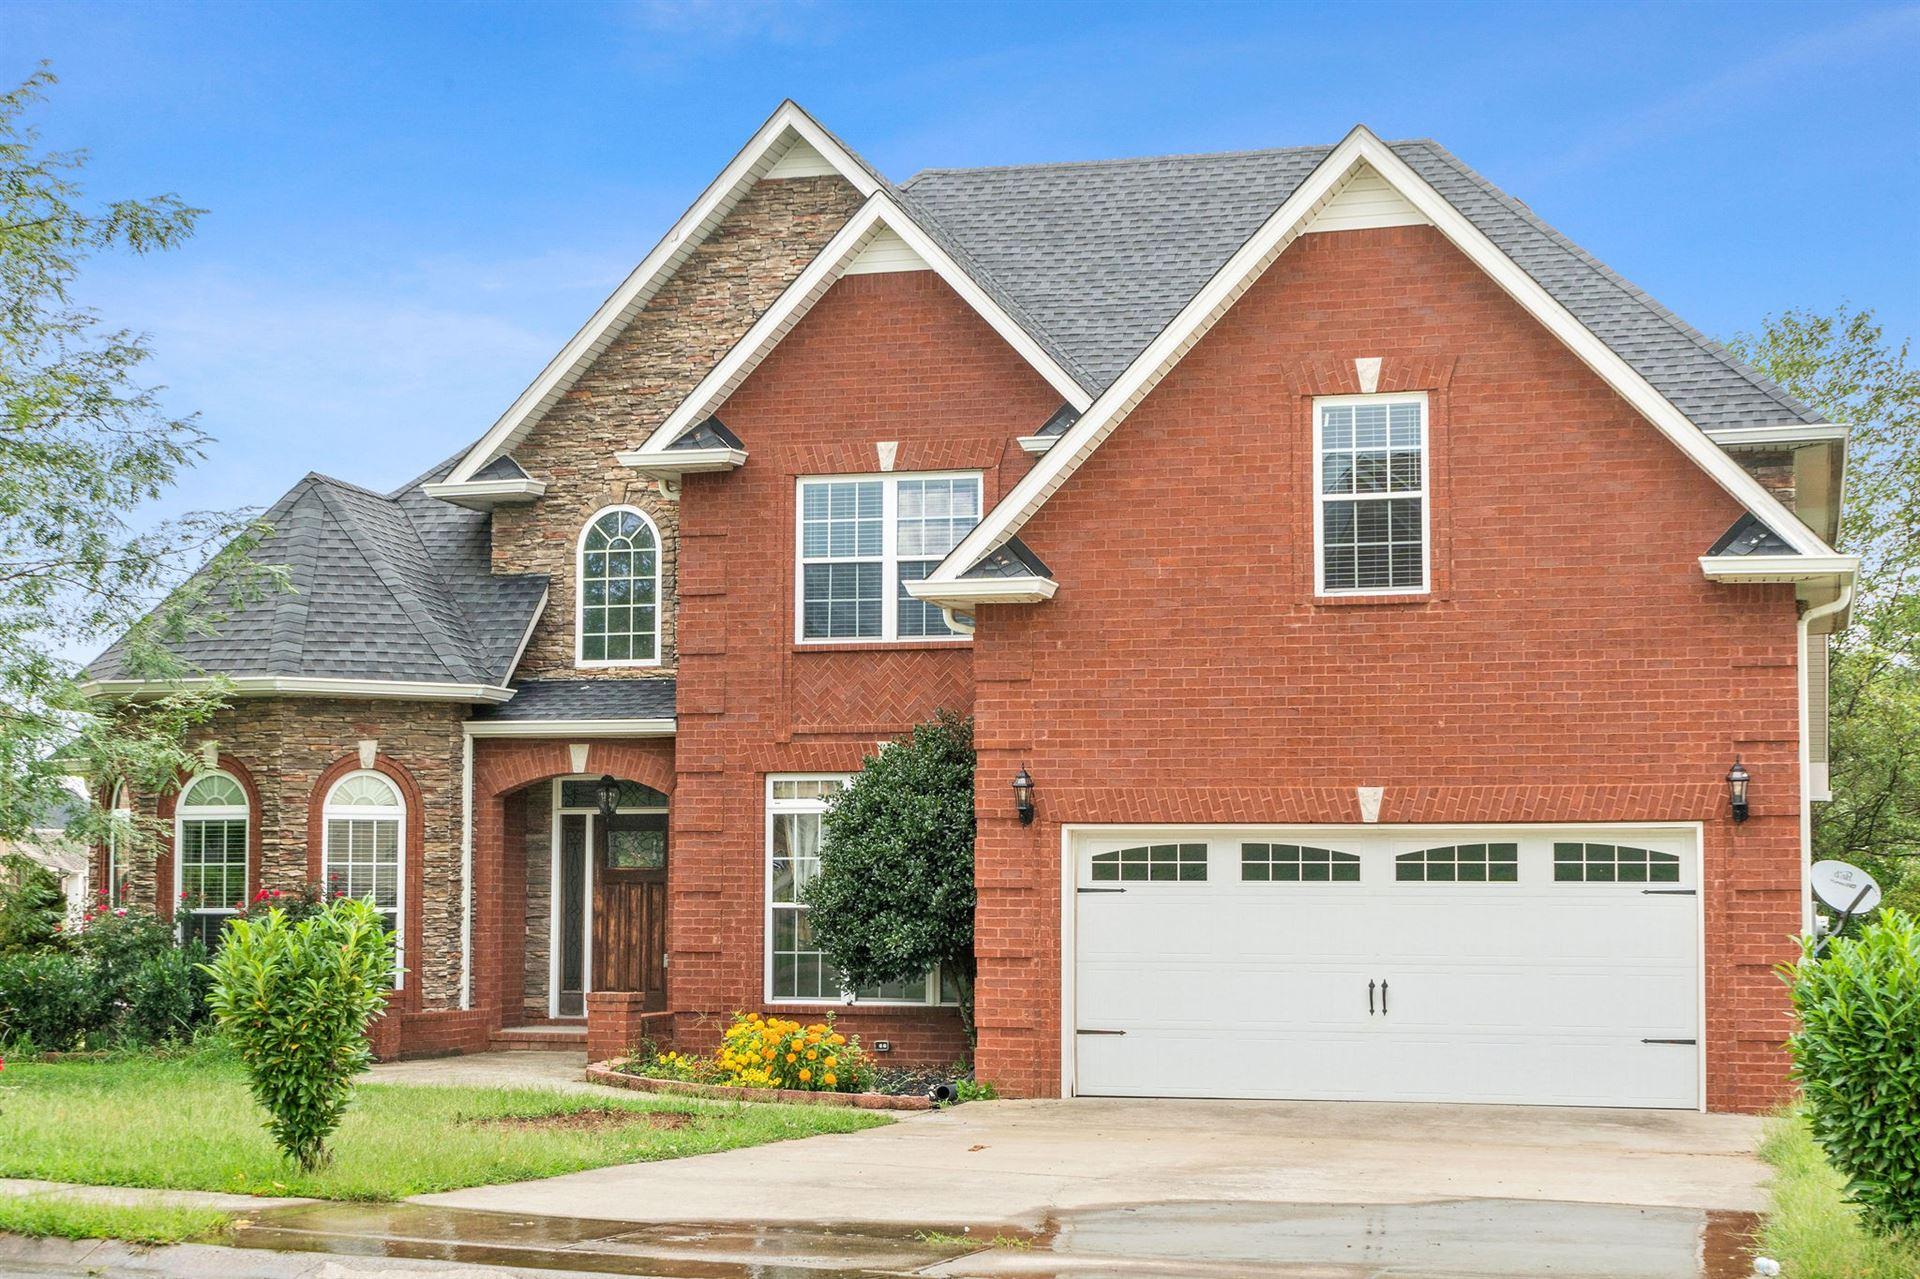 1014 Willow Cir, Clarksville, TN 37043 - MLS#: 2185418